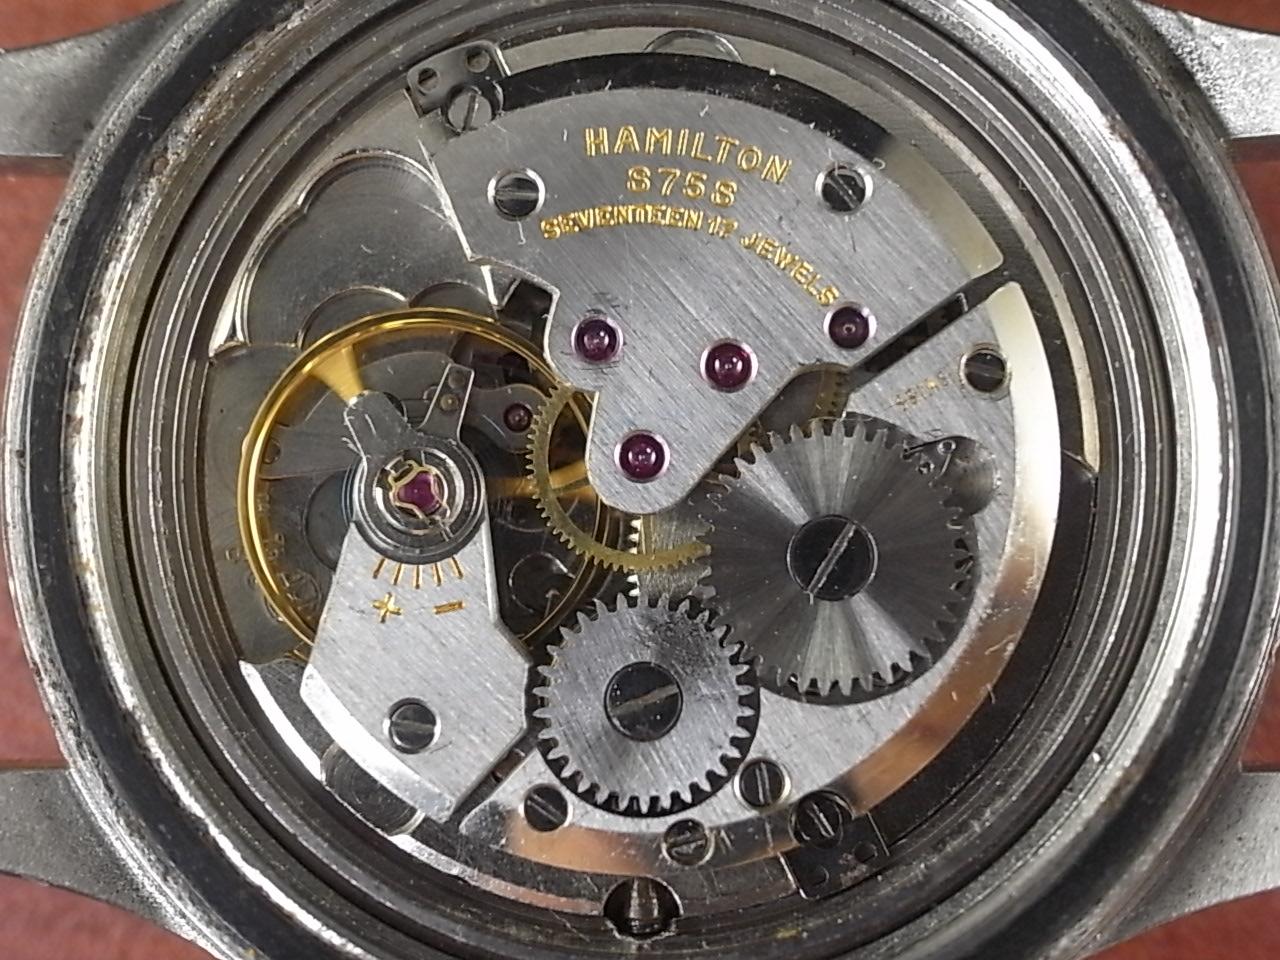 ハミルトン G.S. 24時間表記 ミリタリースペック 1960年代の写真5枚目